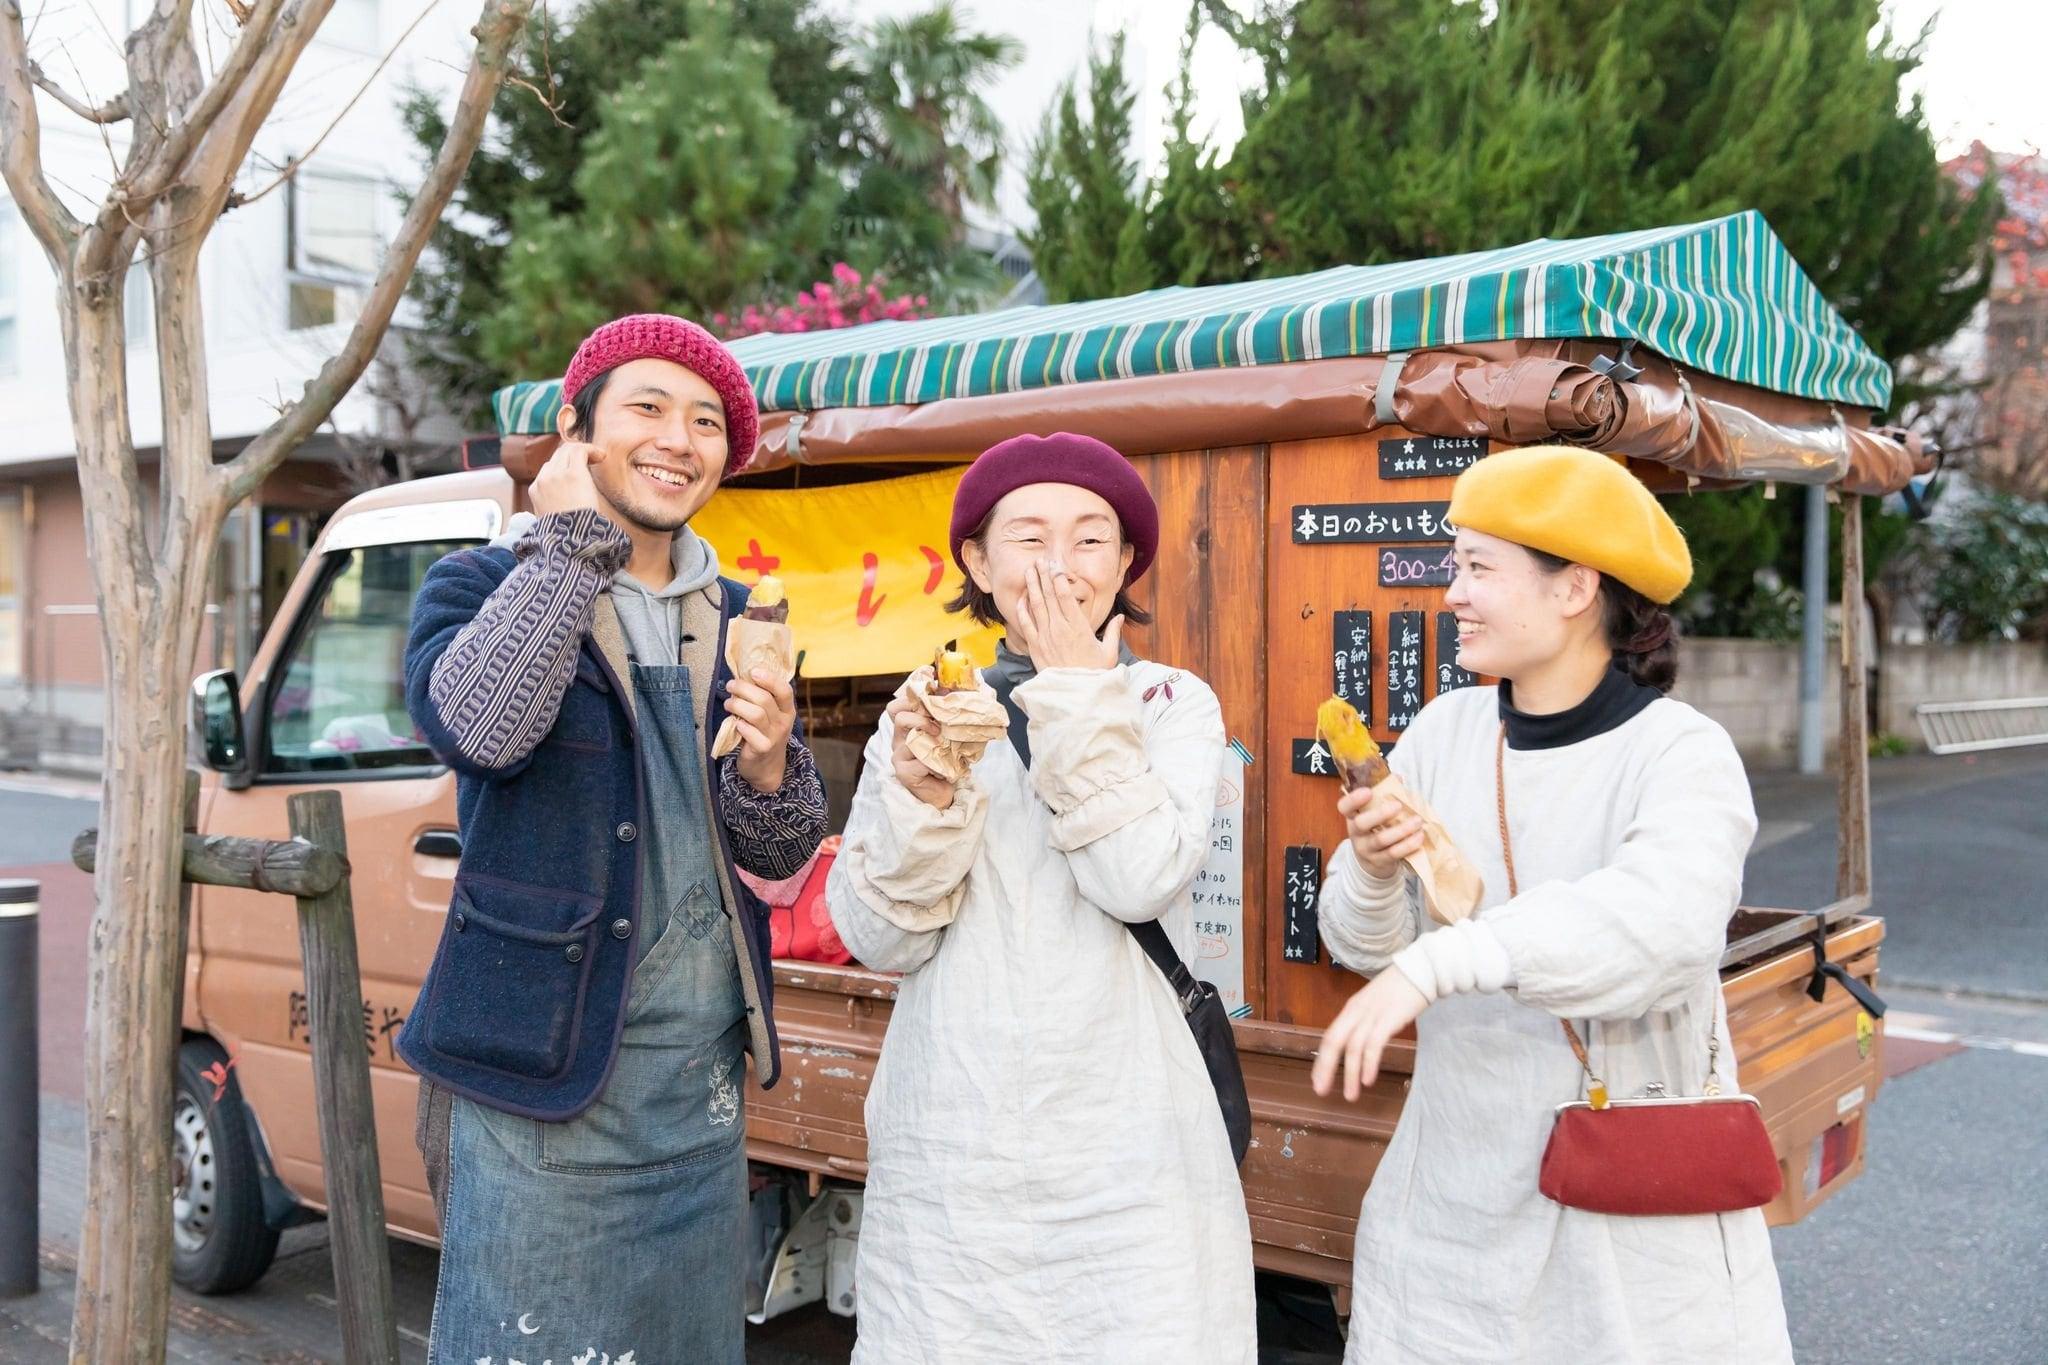 焼き芋販売